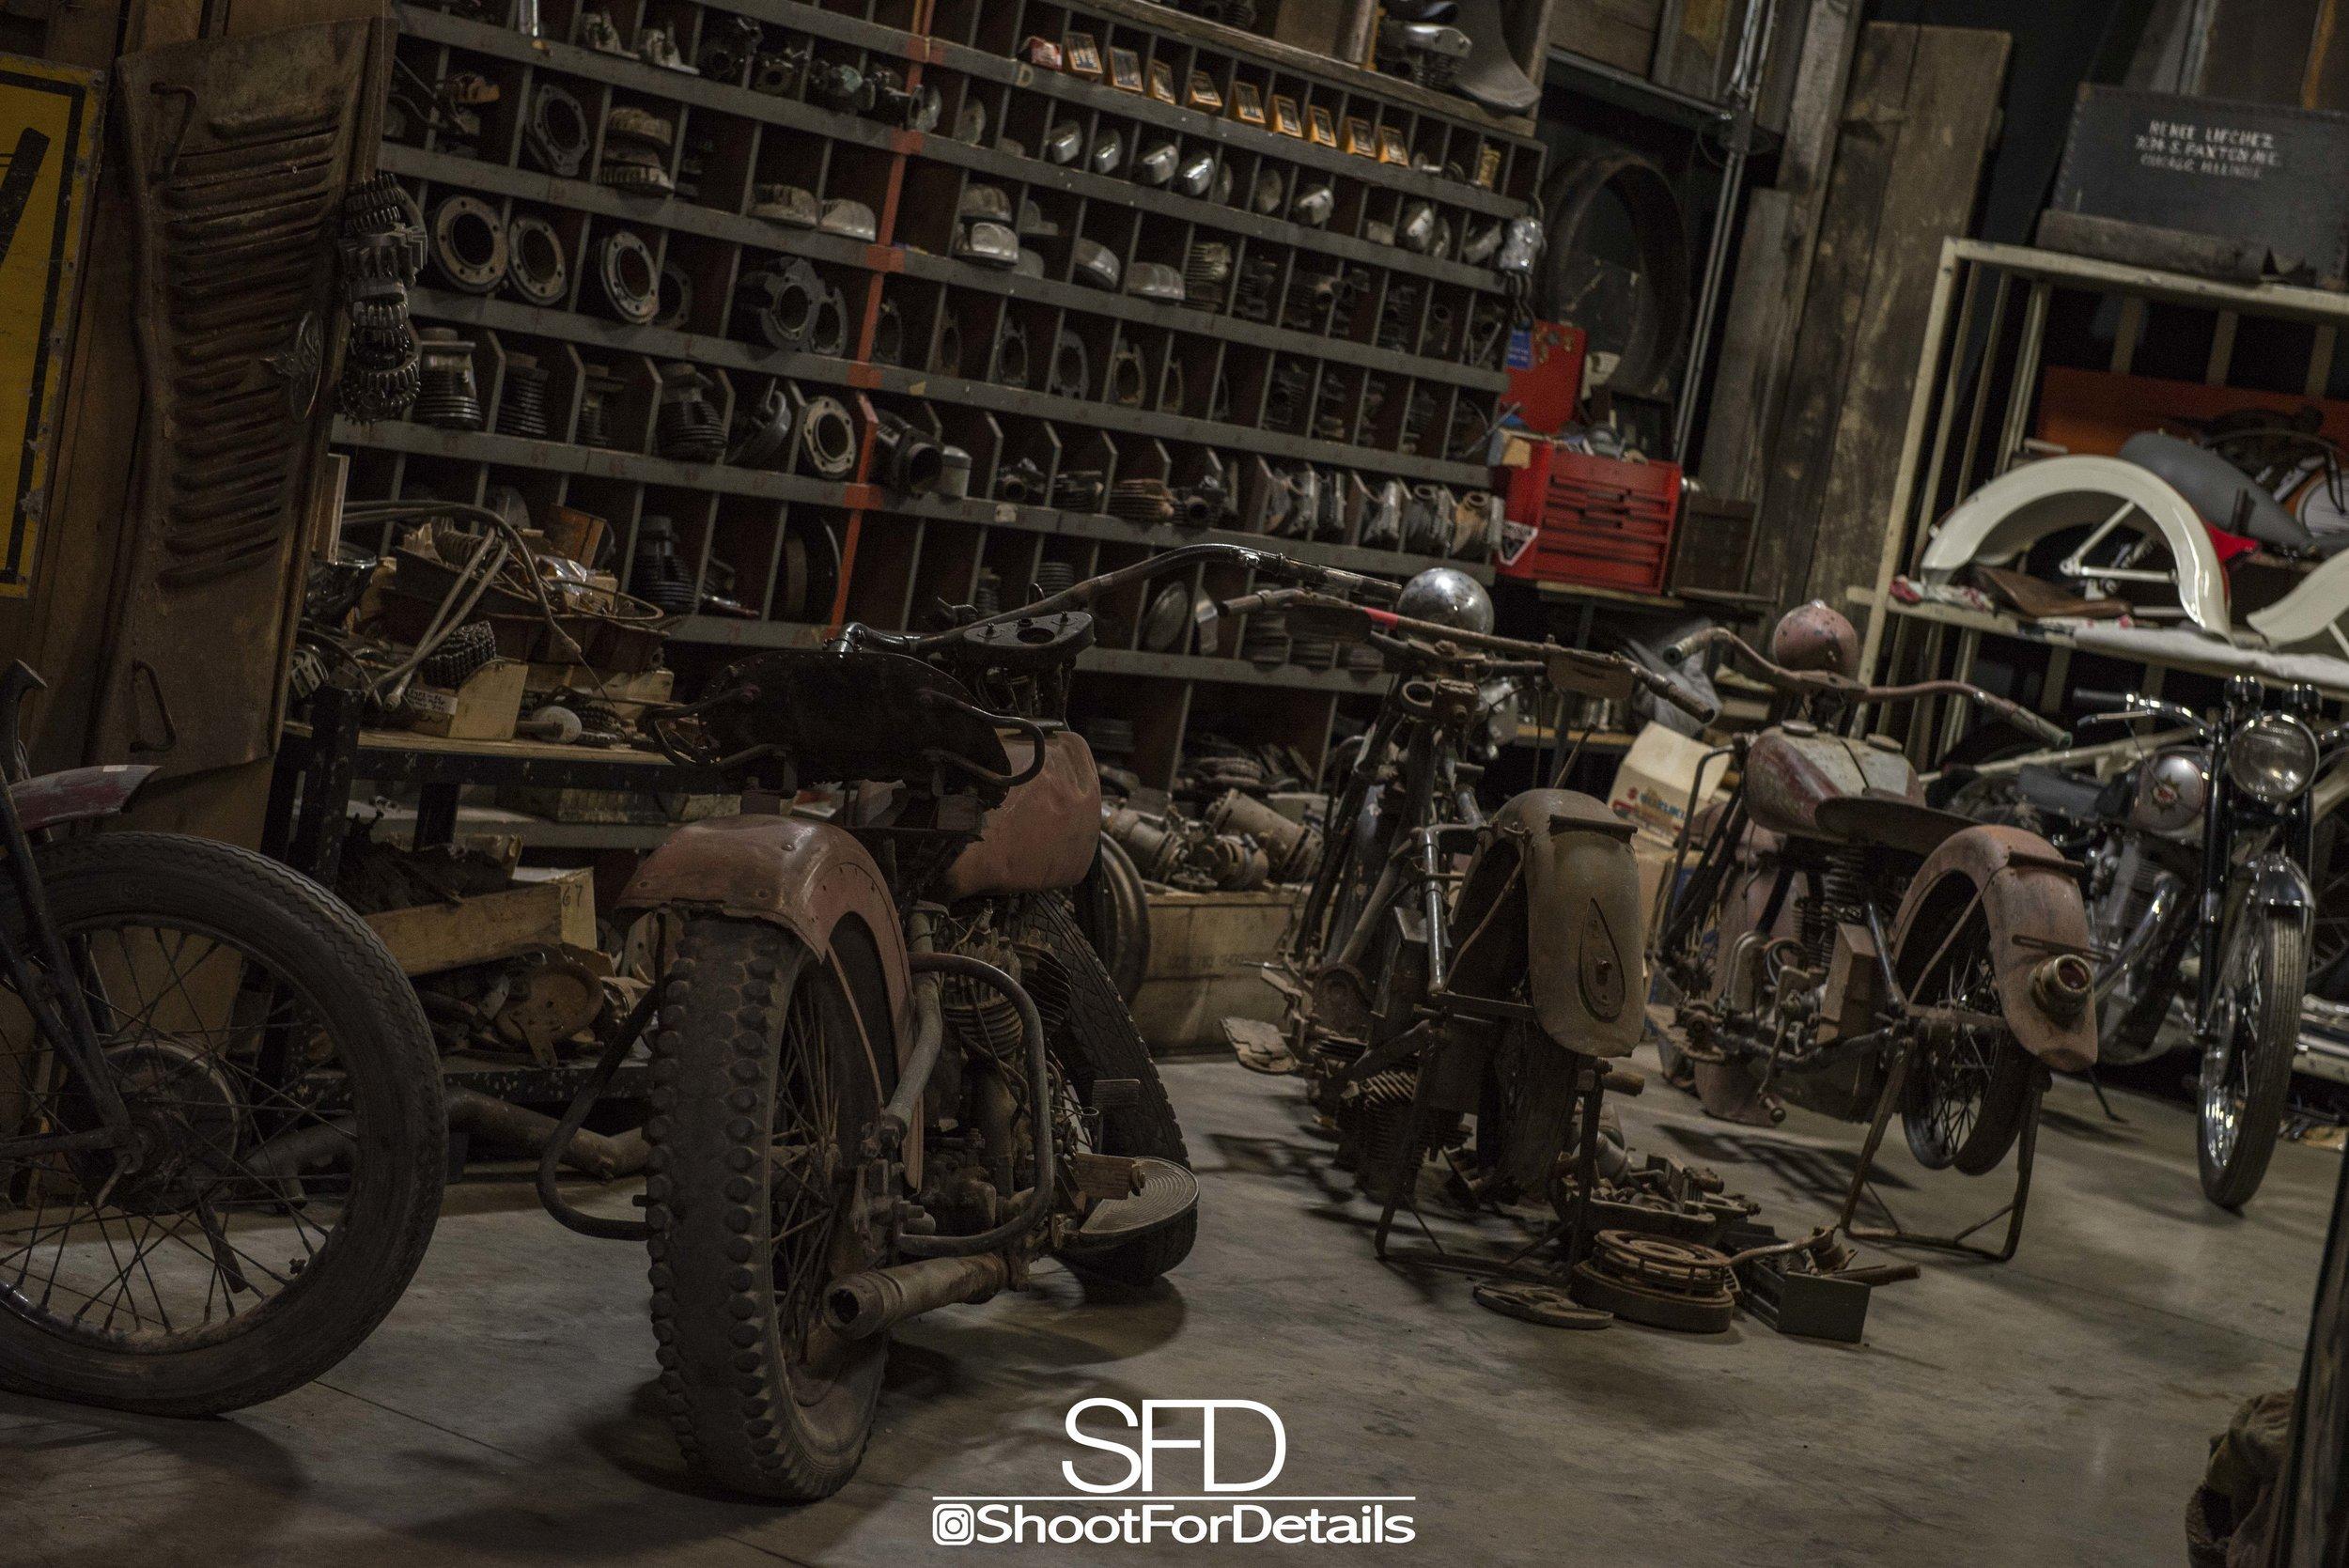 SFD_8421.jpg